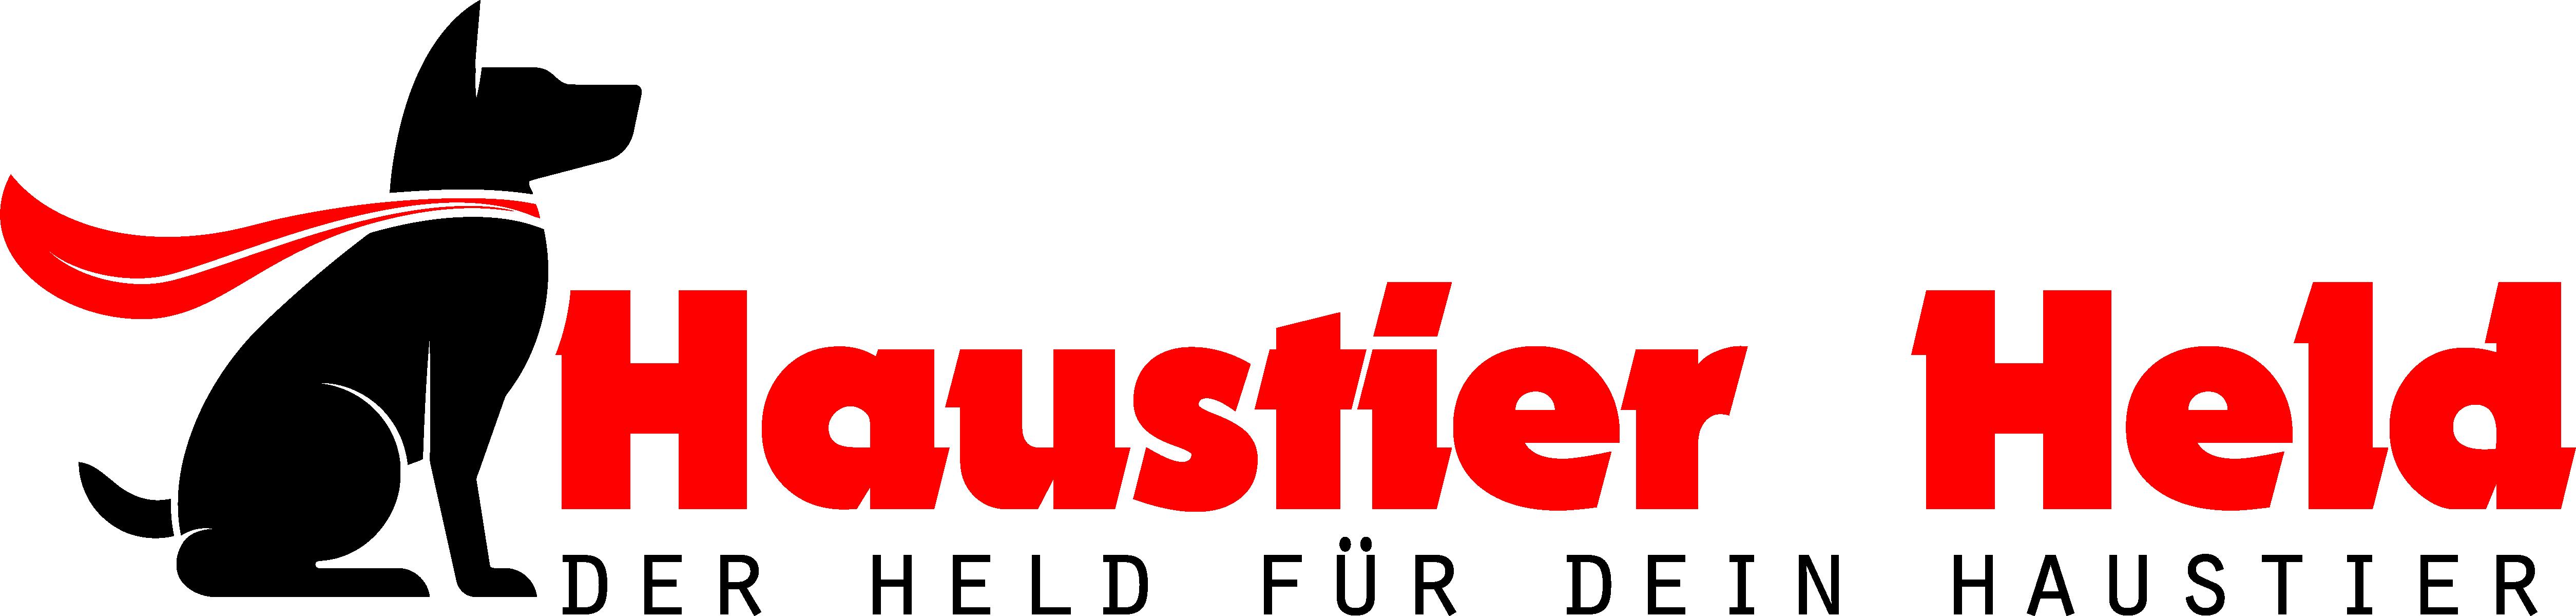 haustier held logo